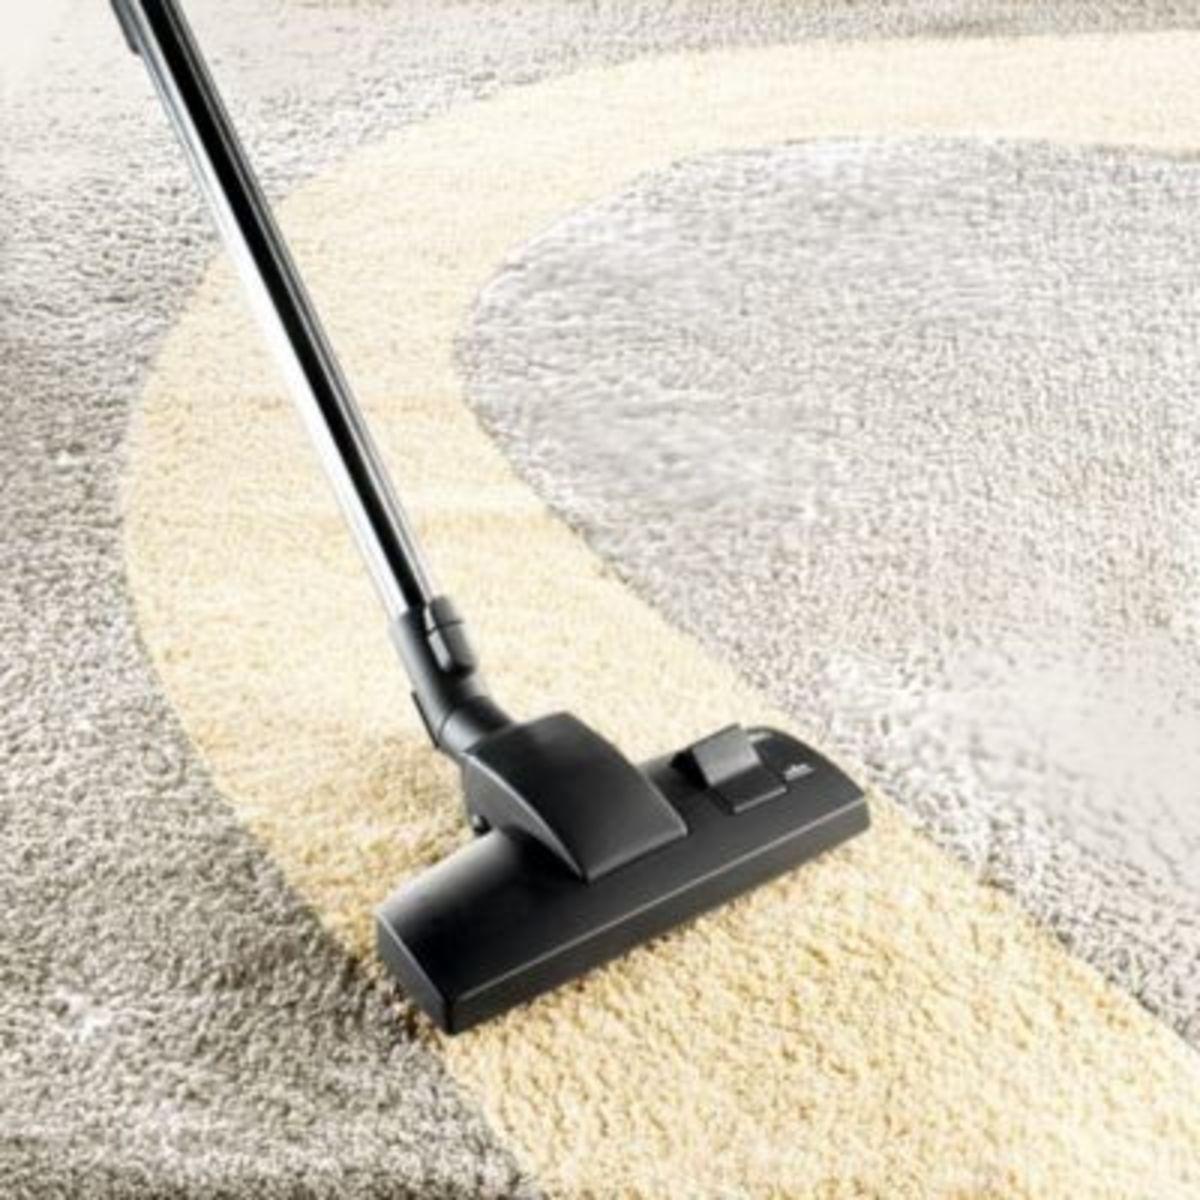 Bild 2 von Teppich-Reinigungspulver